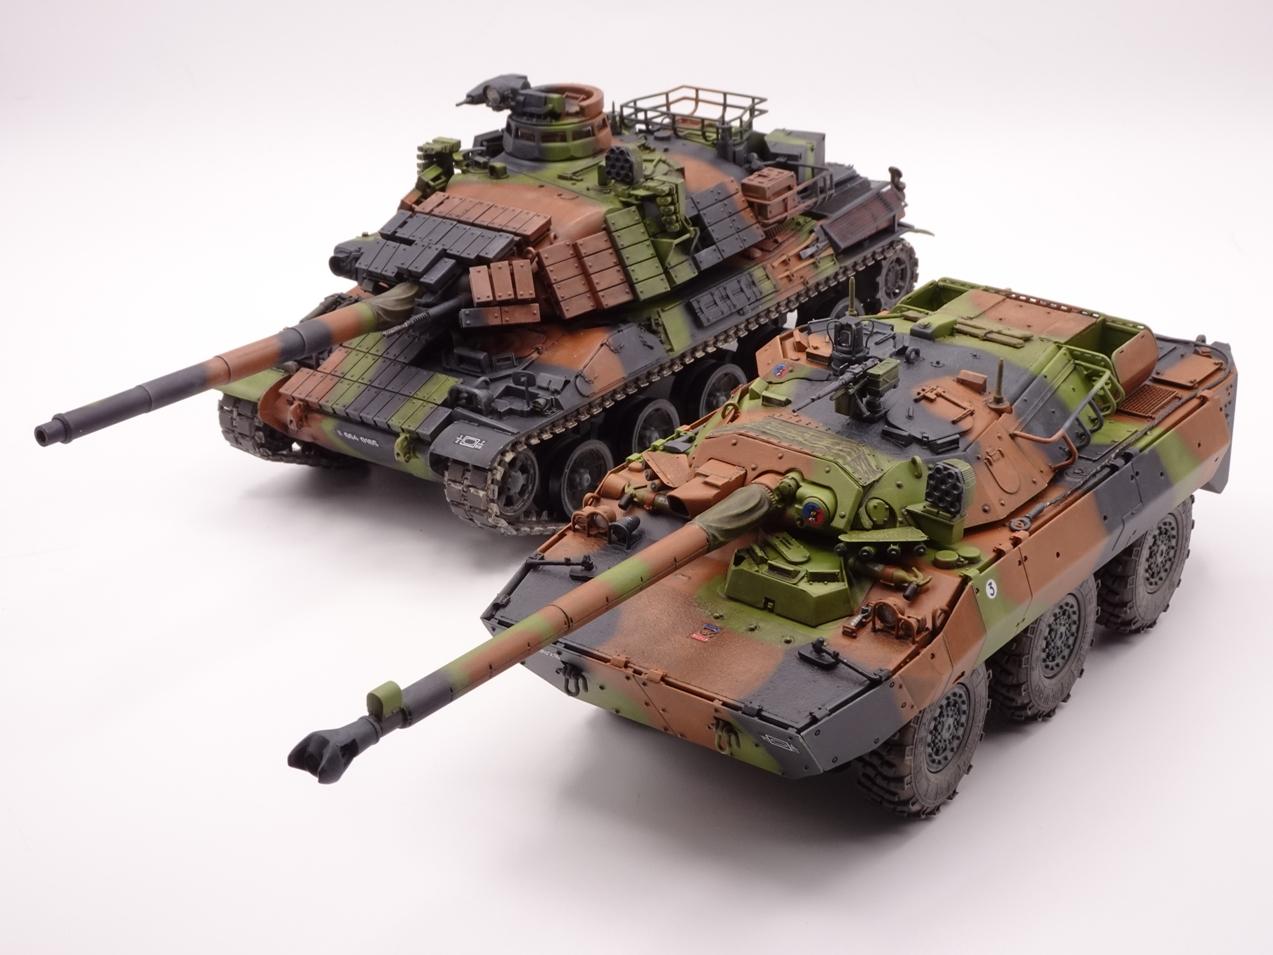 [Tiger Model] AMX-10RCR réf. 4602 - 1/35 - Page 4 Amx10-fin-14